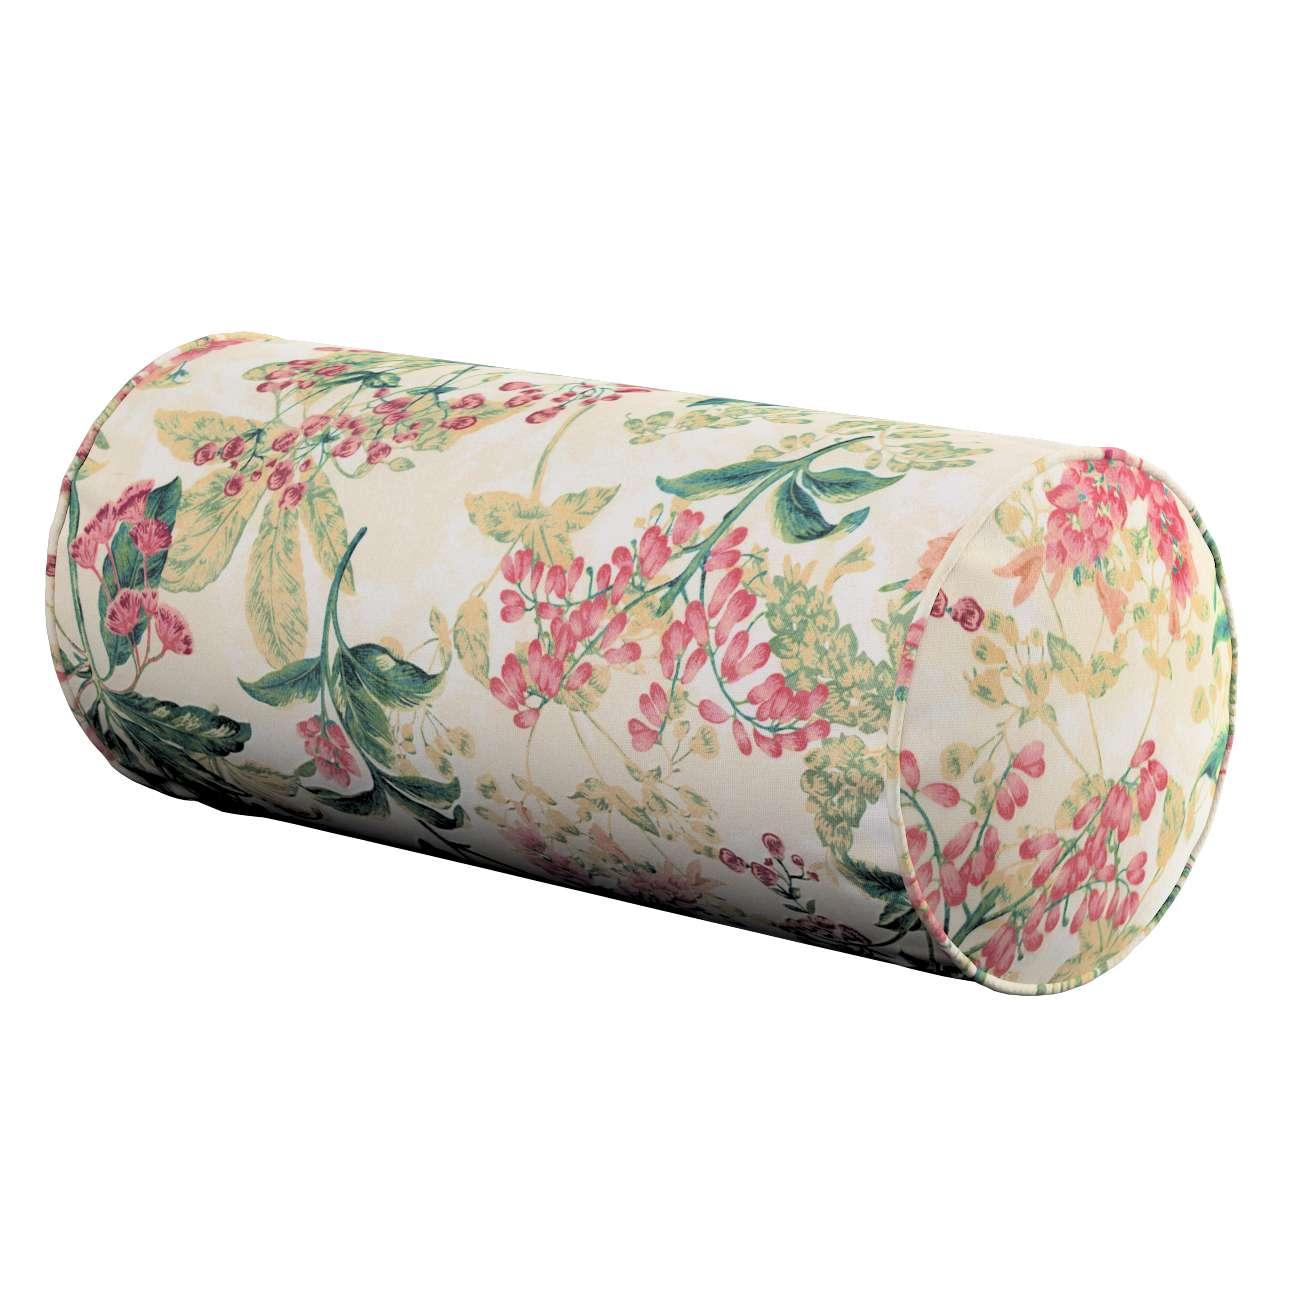 Poduszka wałek prosty w kolekcji Londres, tkanina: 143-41